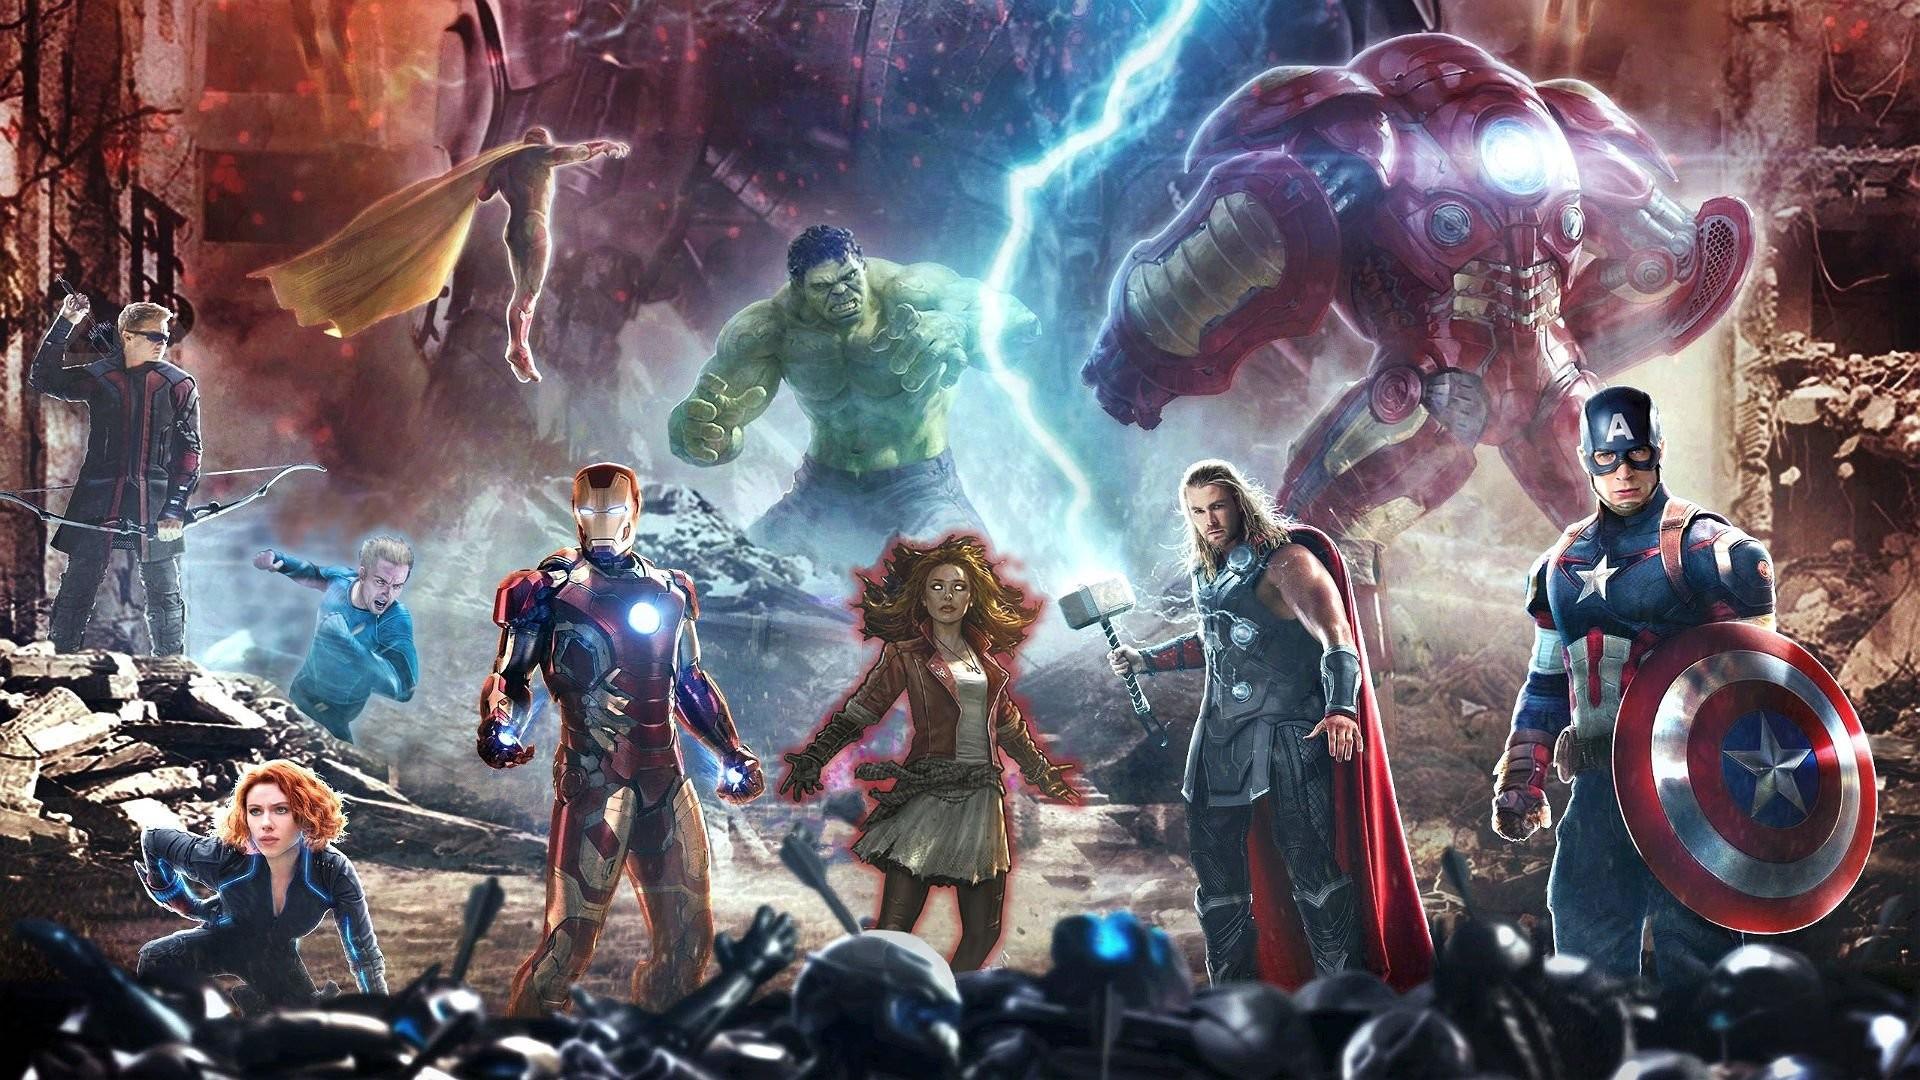 Avengers  № 1390900 бесплатно